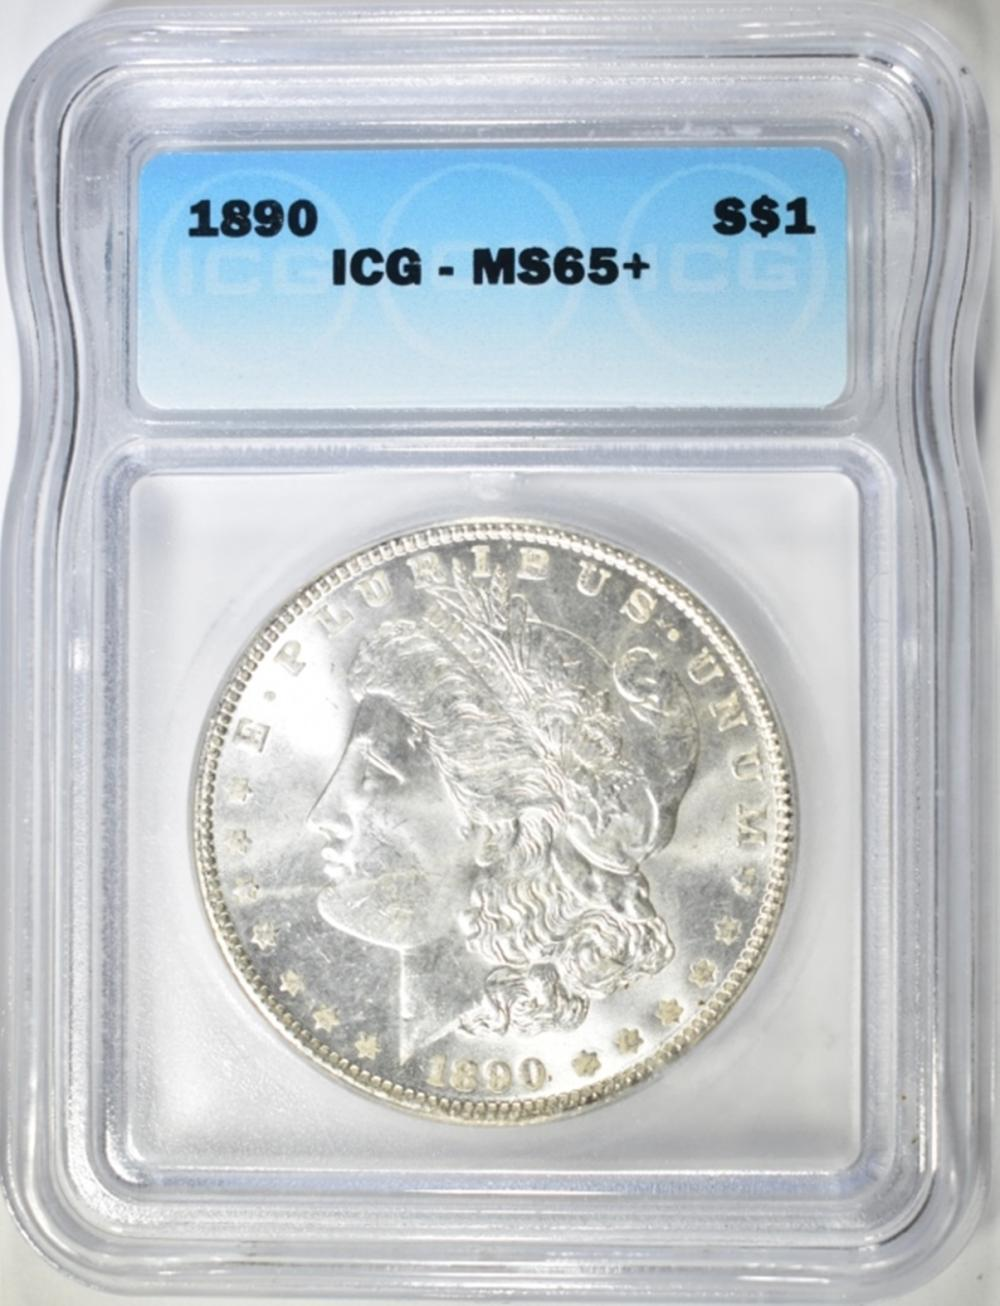 1890 MORGAN DOLLAR  ICG MS-65+